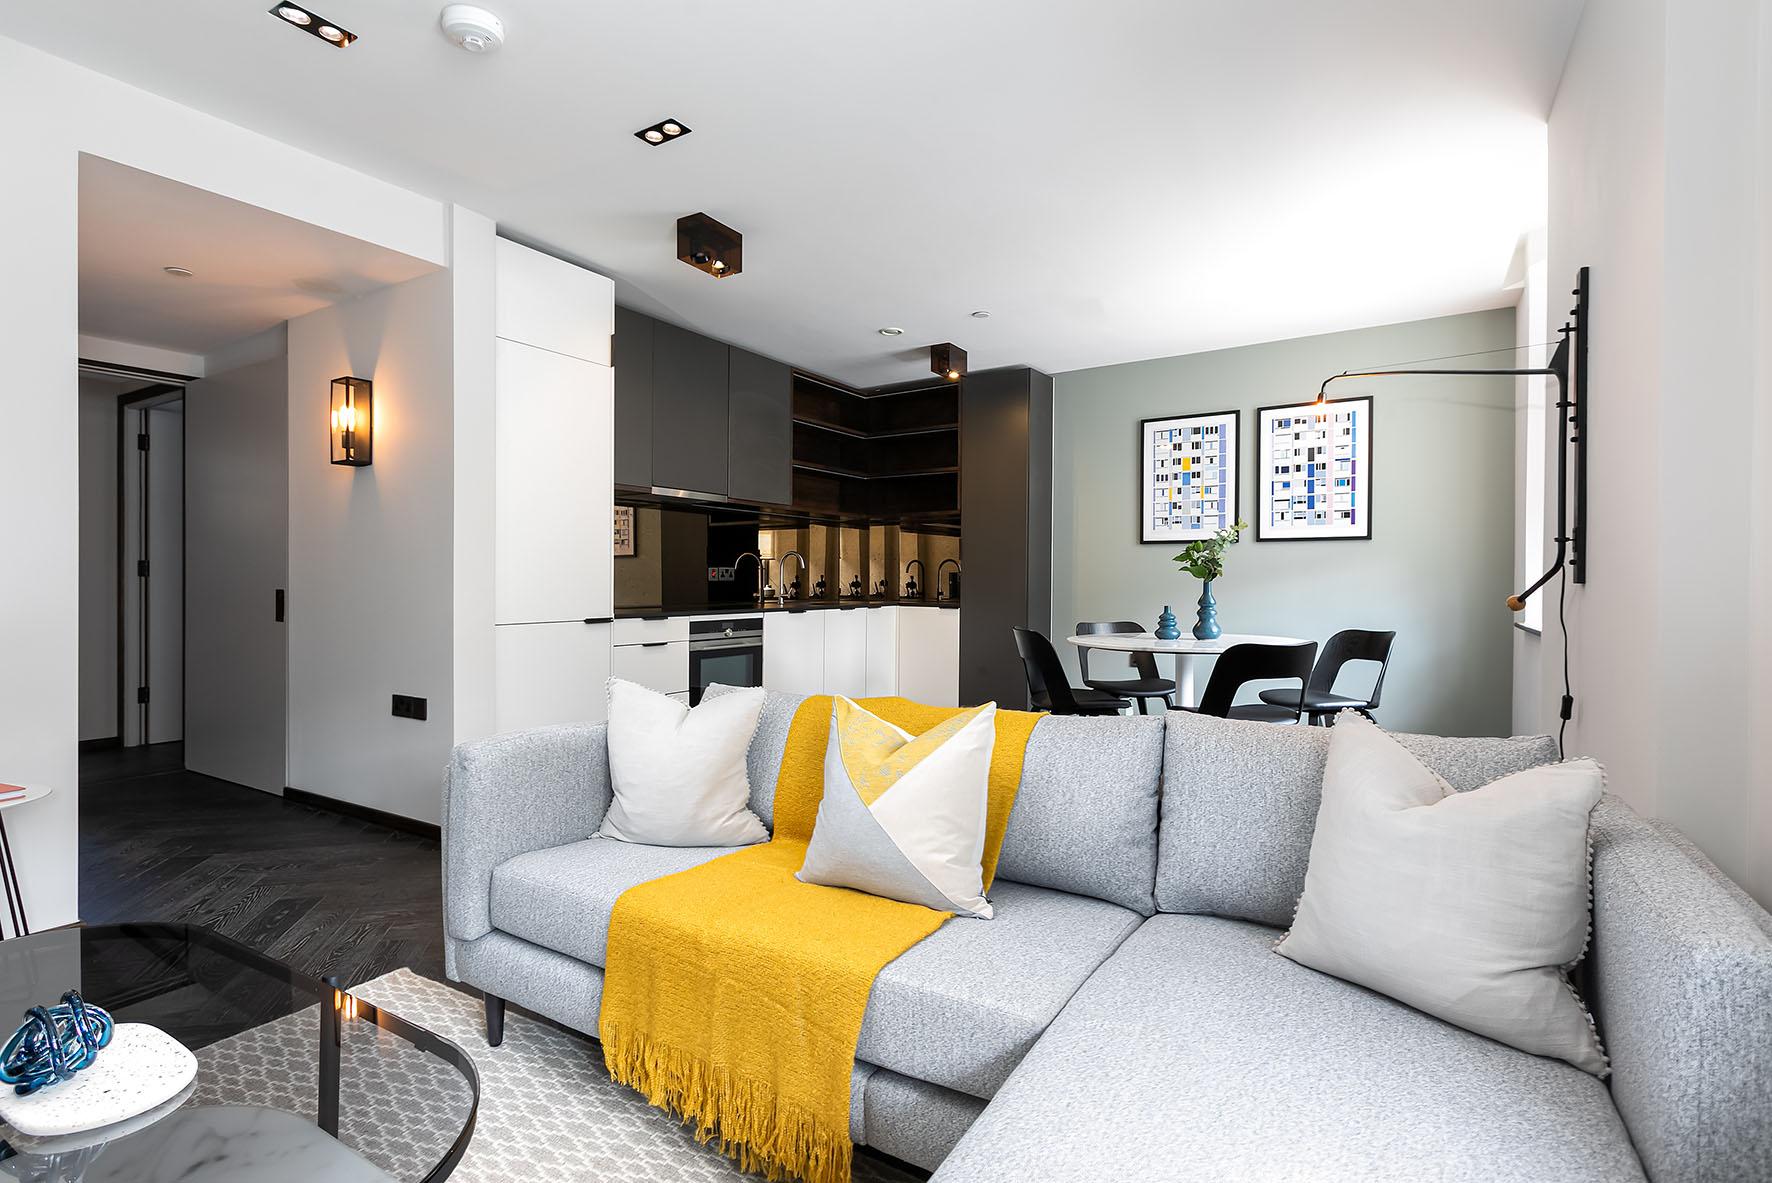 Lovelydays luxury service apartment rental - London - Soho - Oxford Street V - Lovelysuite - 1 bedrooms - 1 bathrooms - Luxury living room - 4c965b6bbd0c - Lovelydays